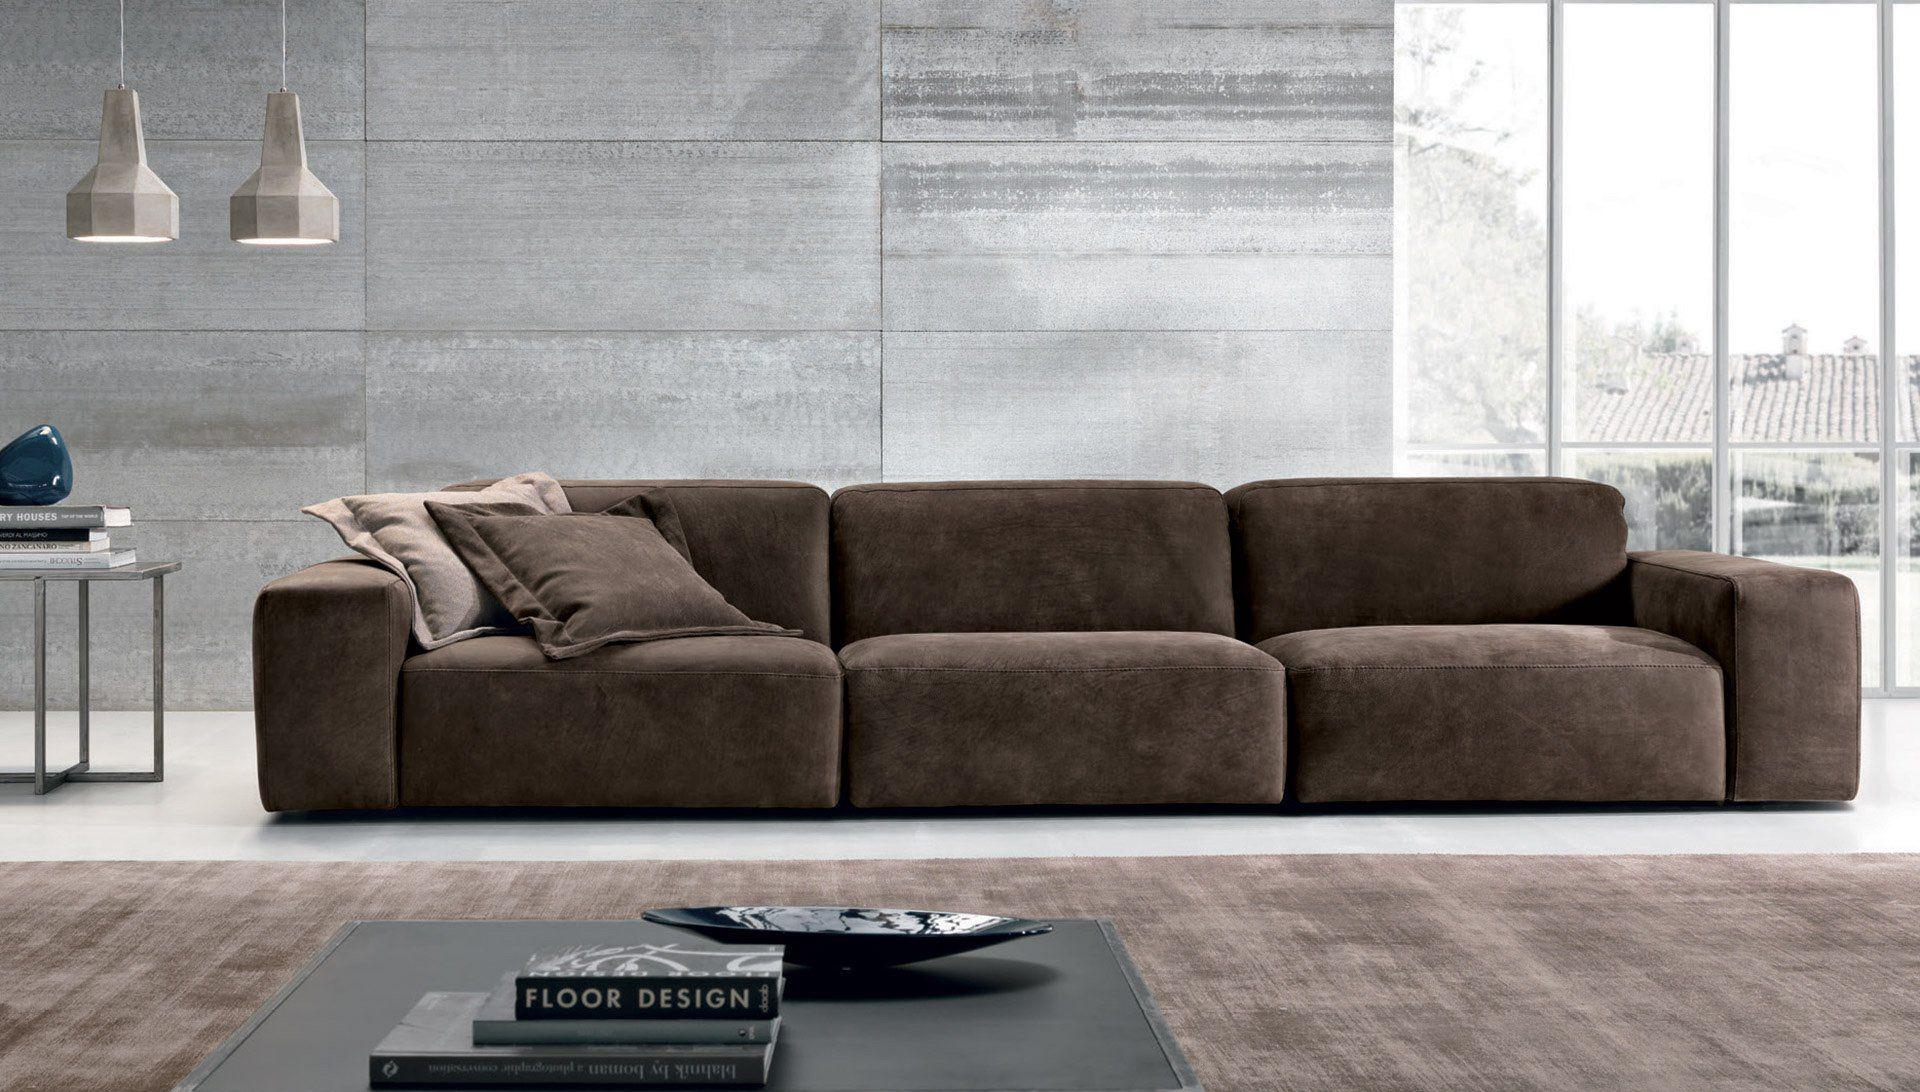 Bazar divano in pelle collezione bazar by max divani for Made divani